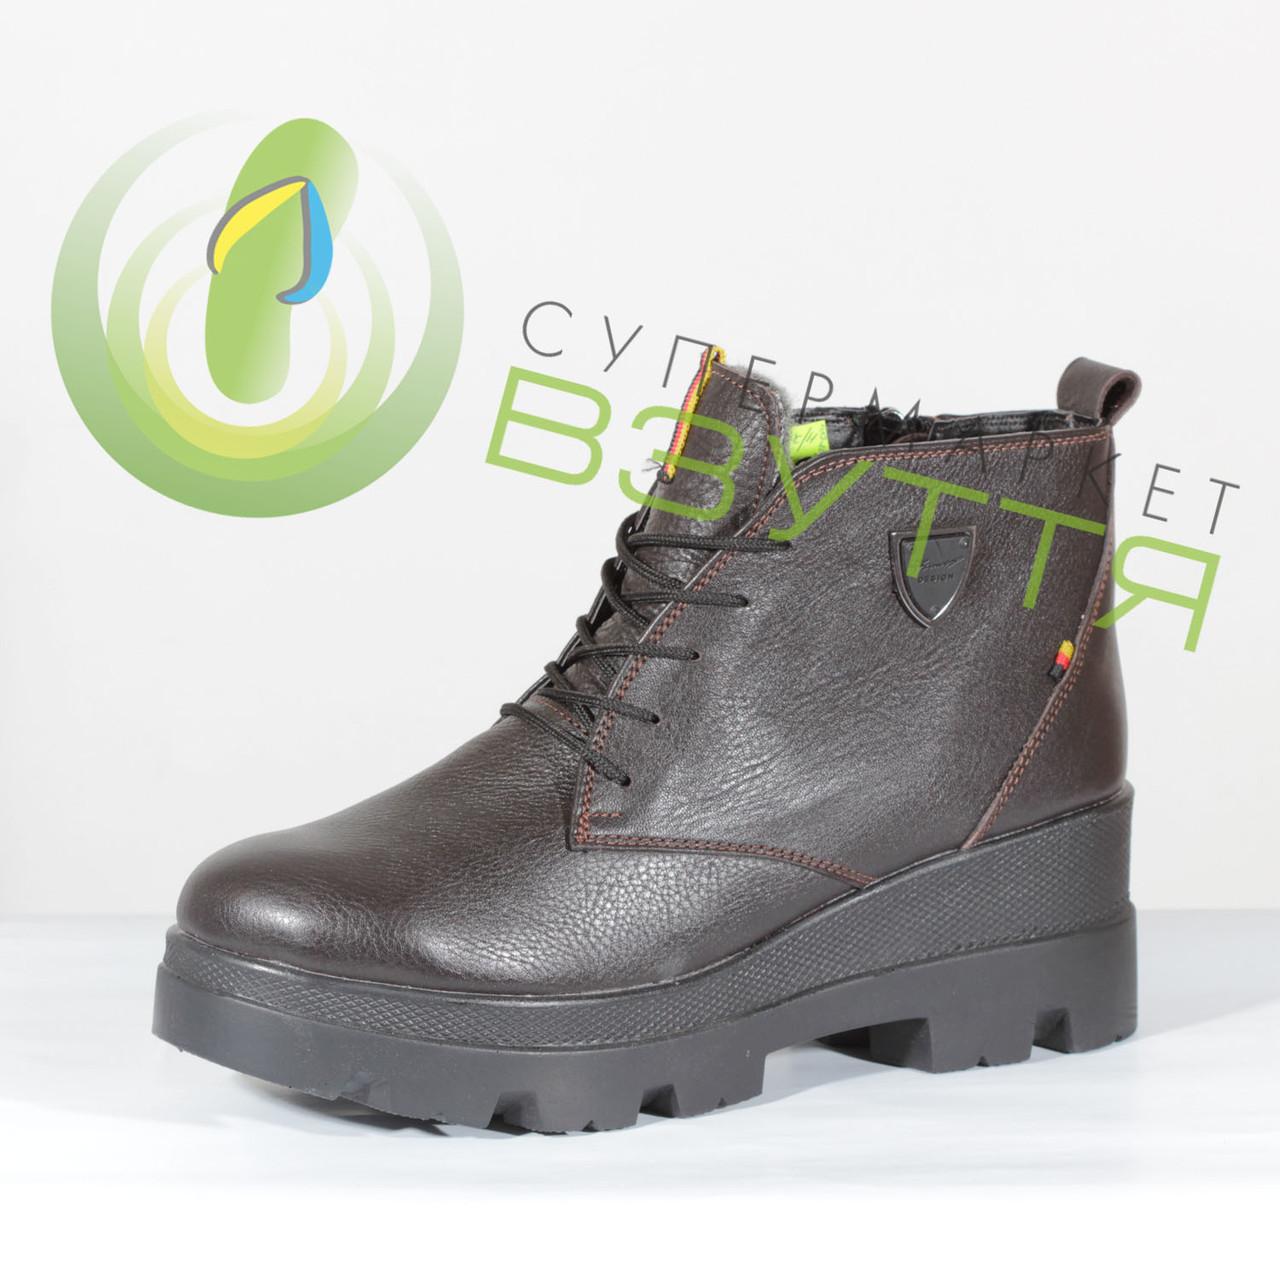 81fe071ea Кожаные женские зимние ботинки на платформе 39, 40 размер: продажа ...